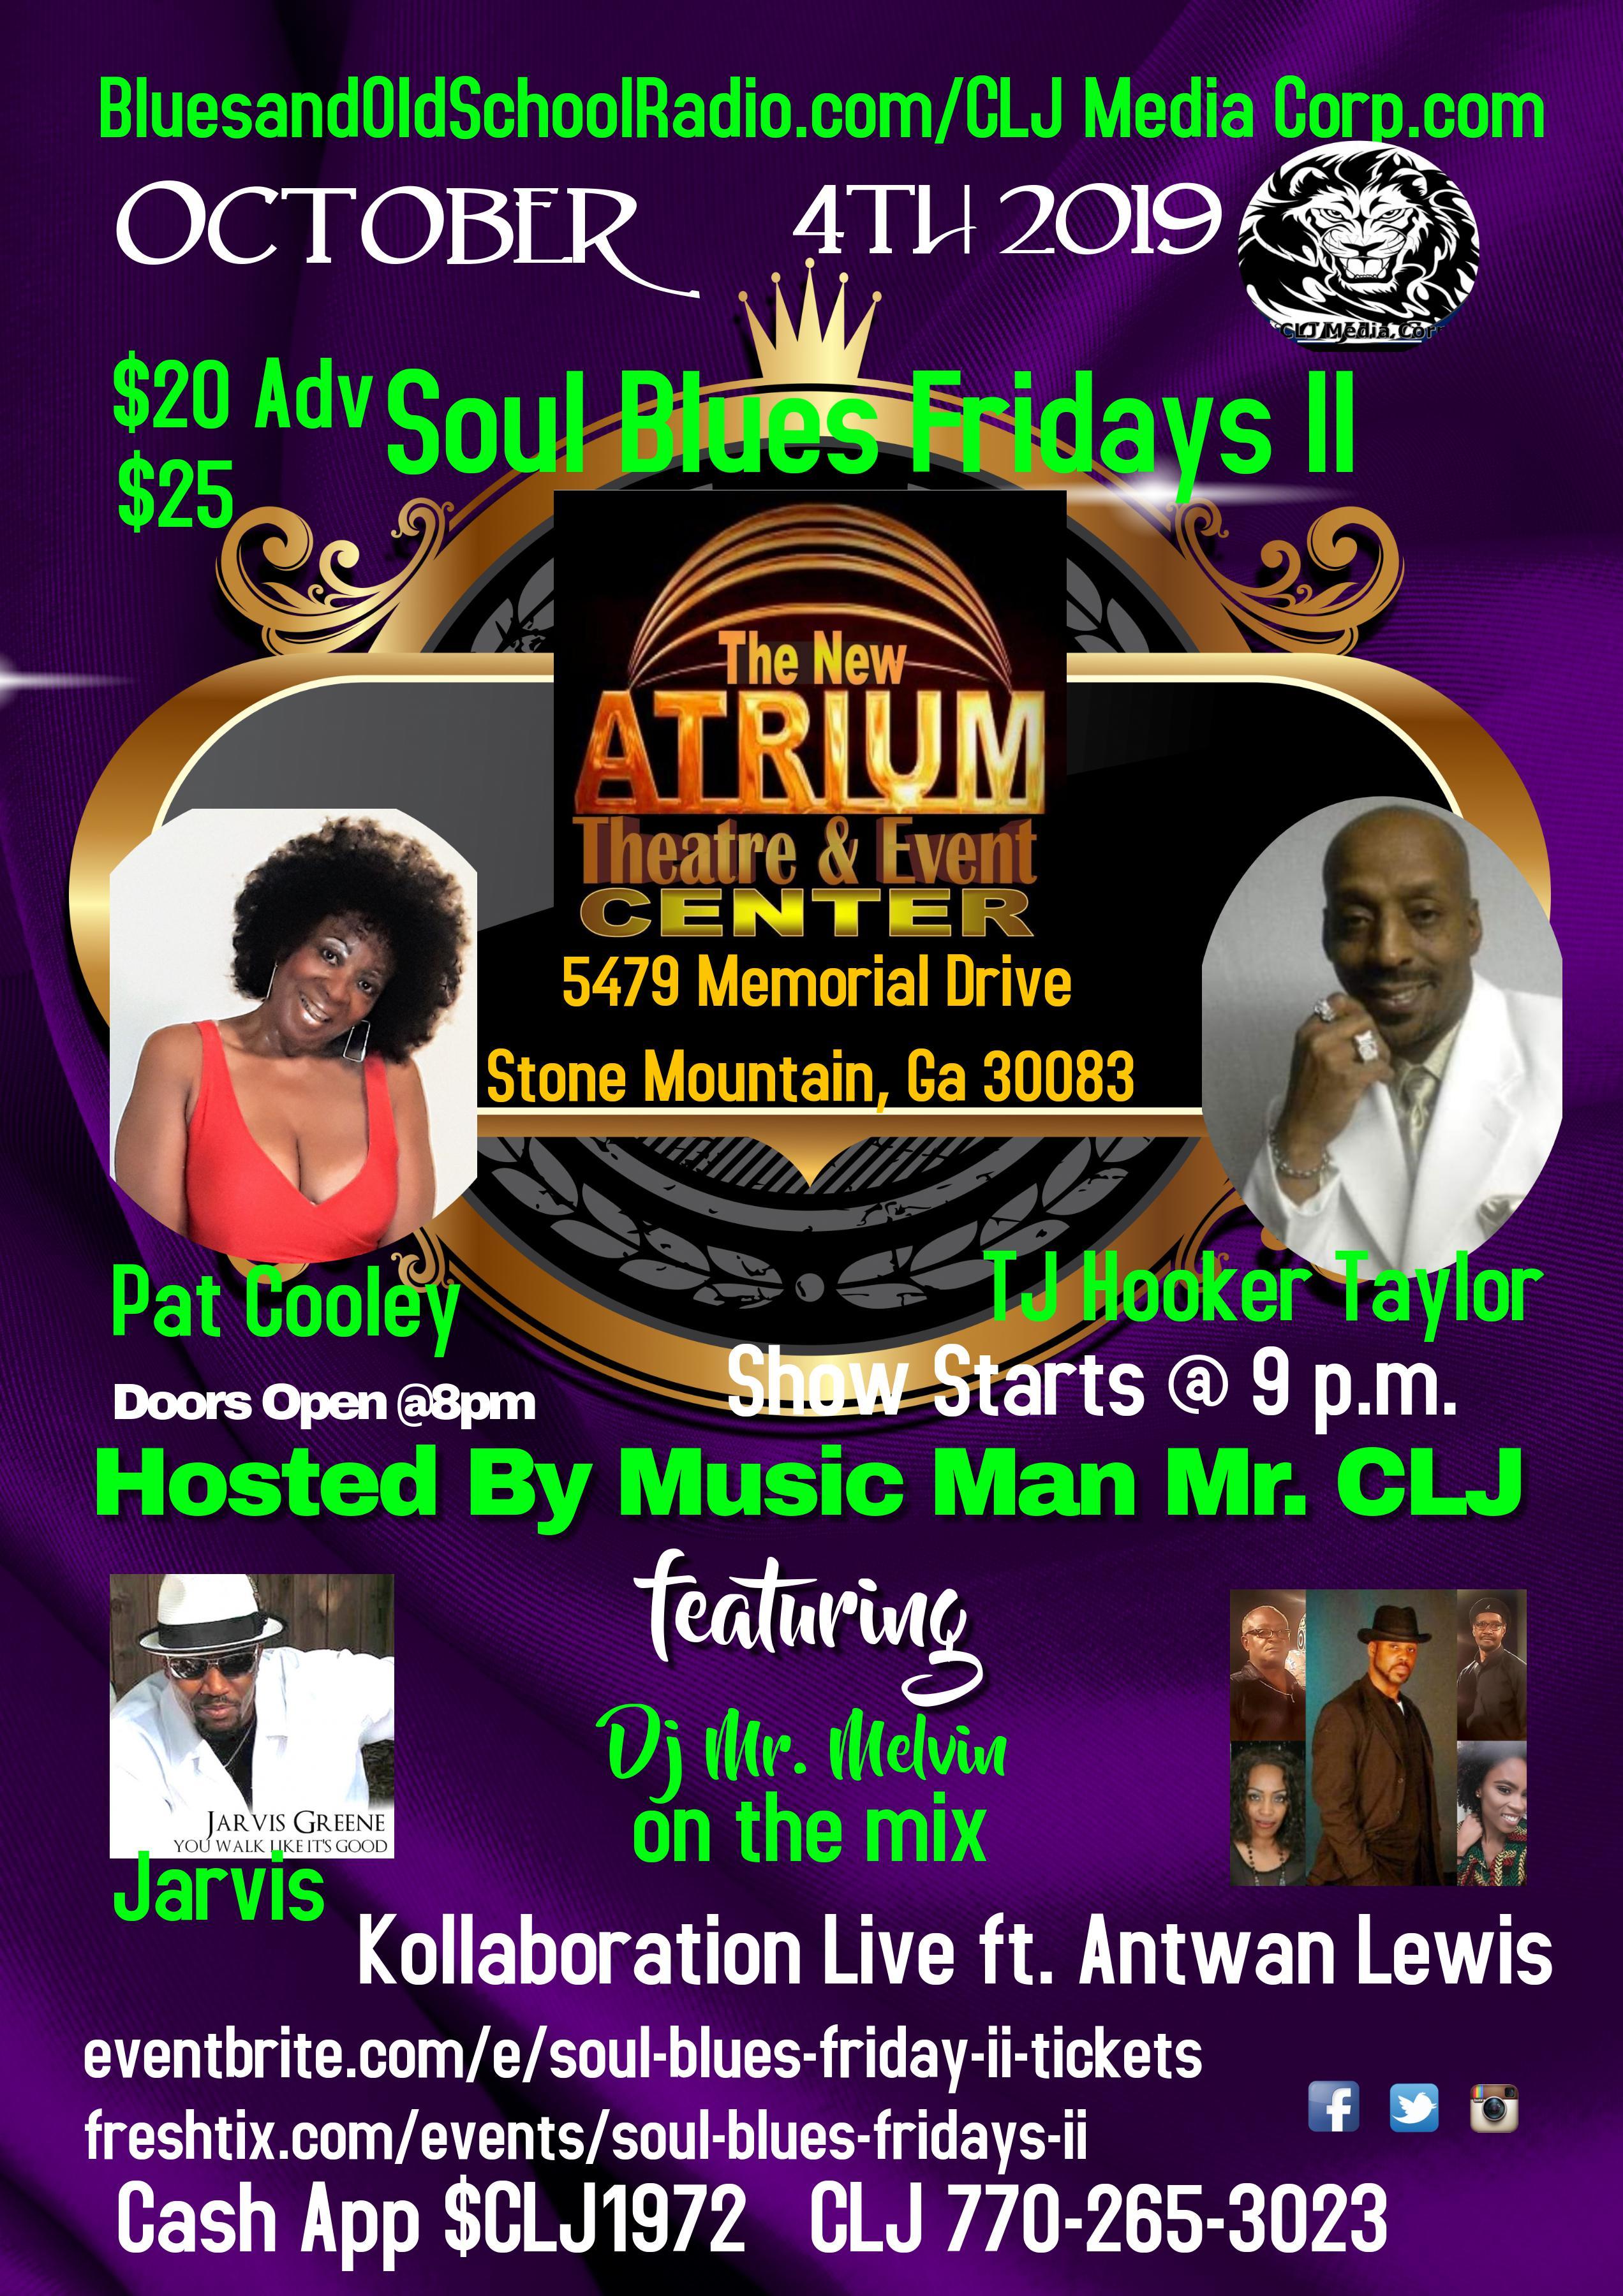 Soul Blues Fridays II